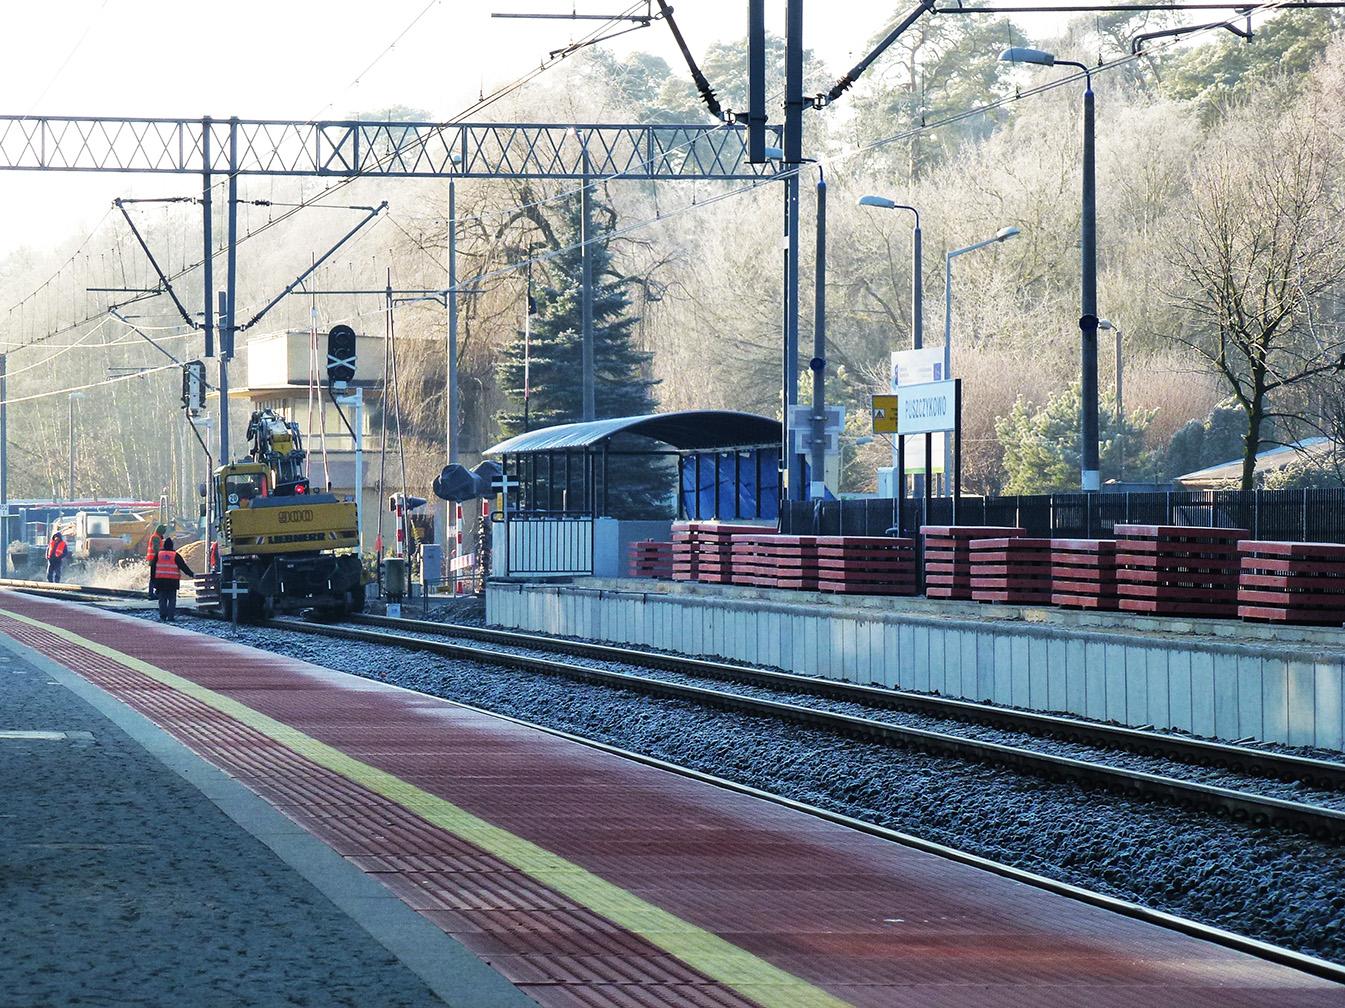 wymiana płyt na peronie dworca w Puszczykowie 13 12 2016 2